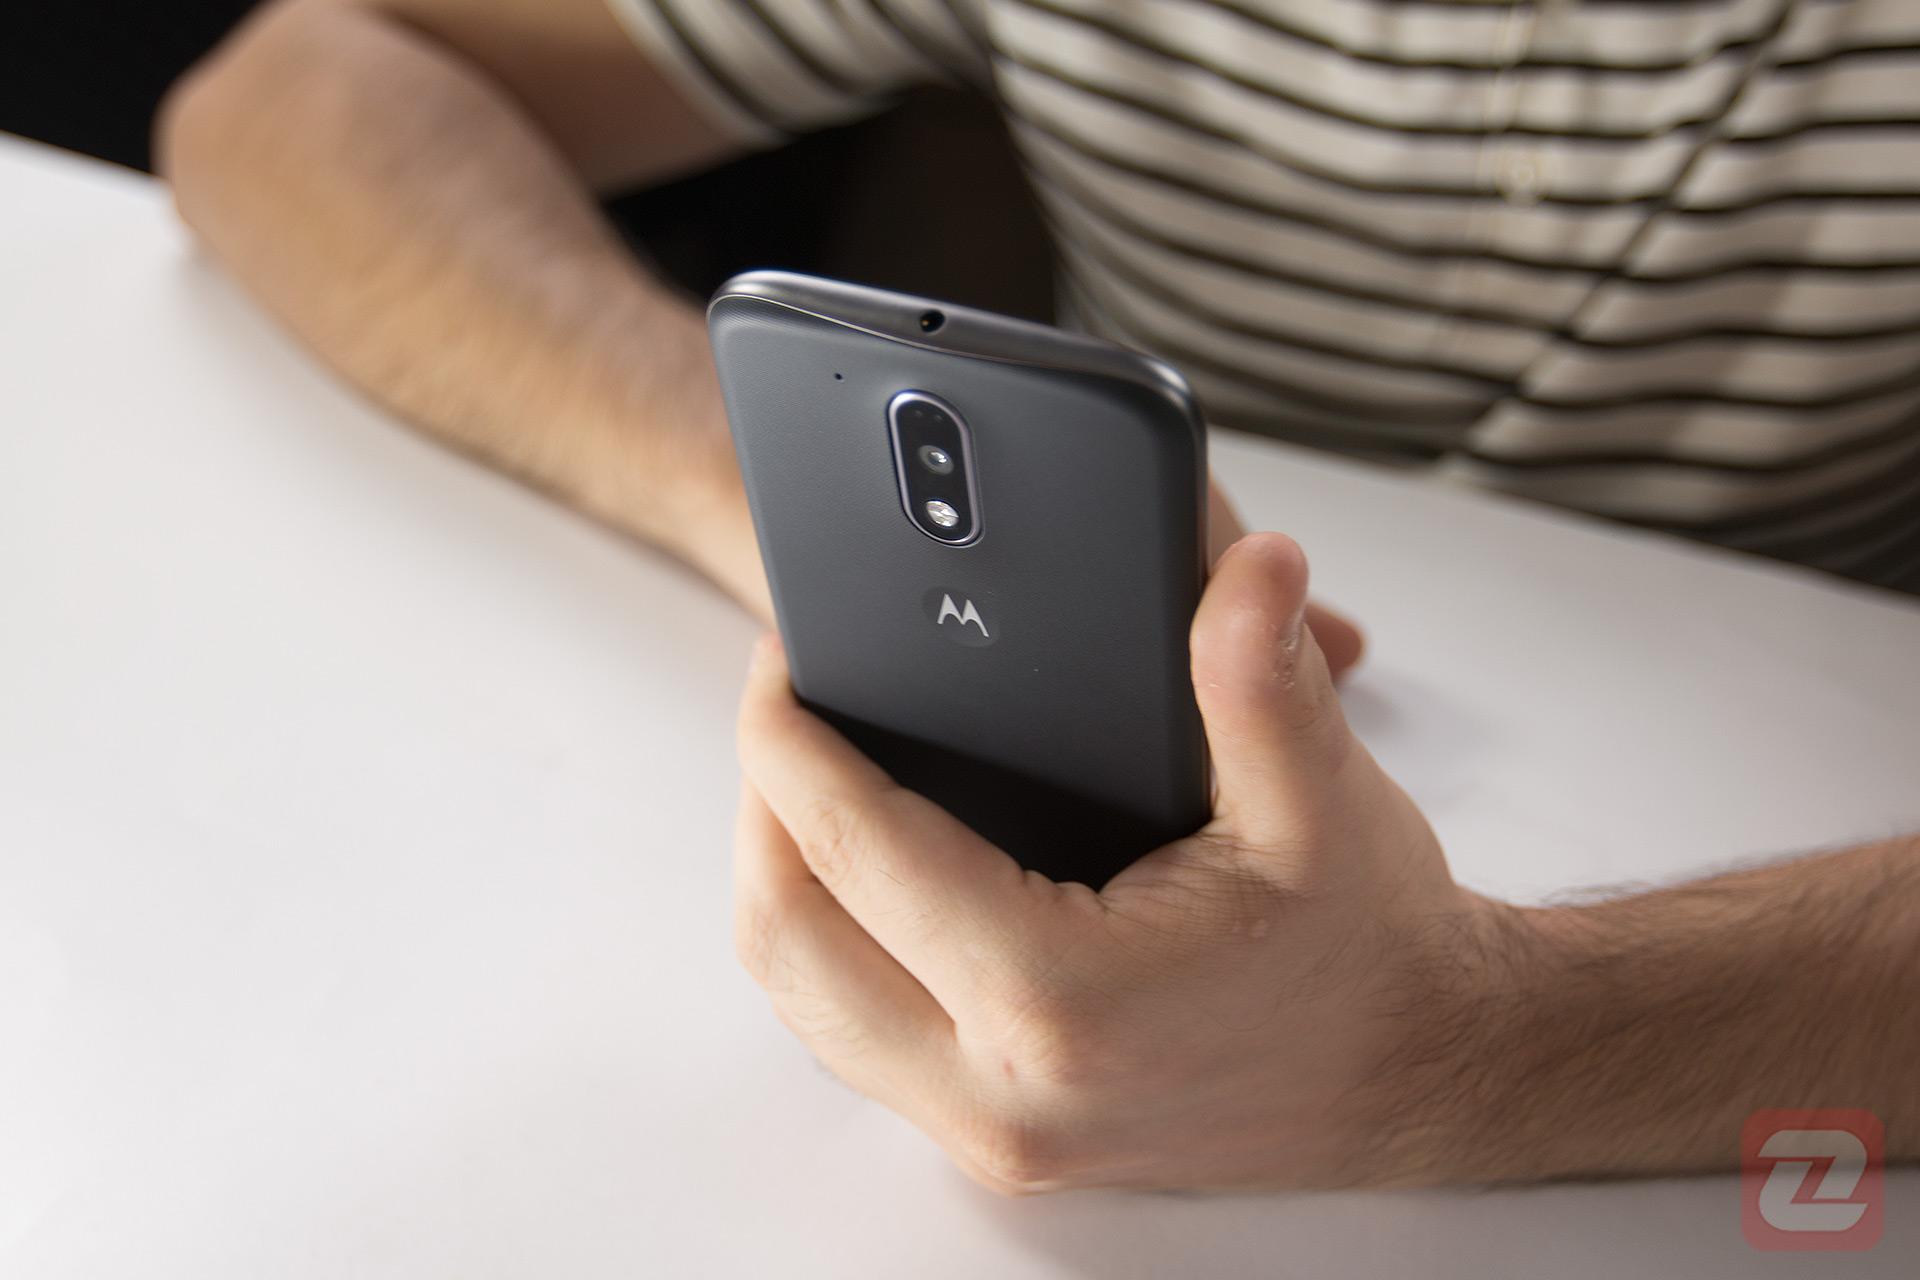 Moto G4 Plus - Conclusion